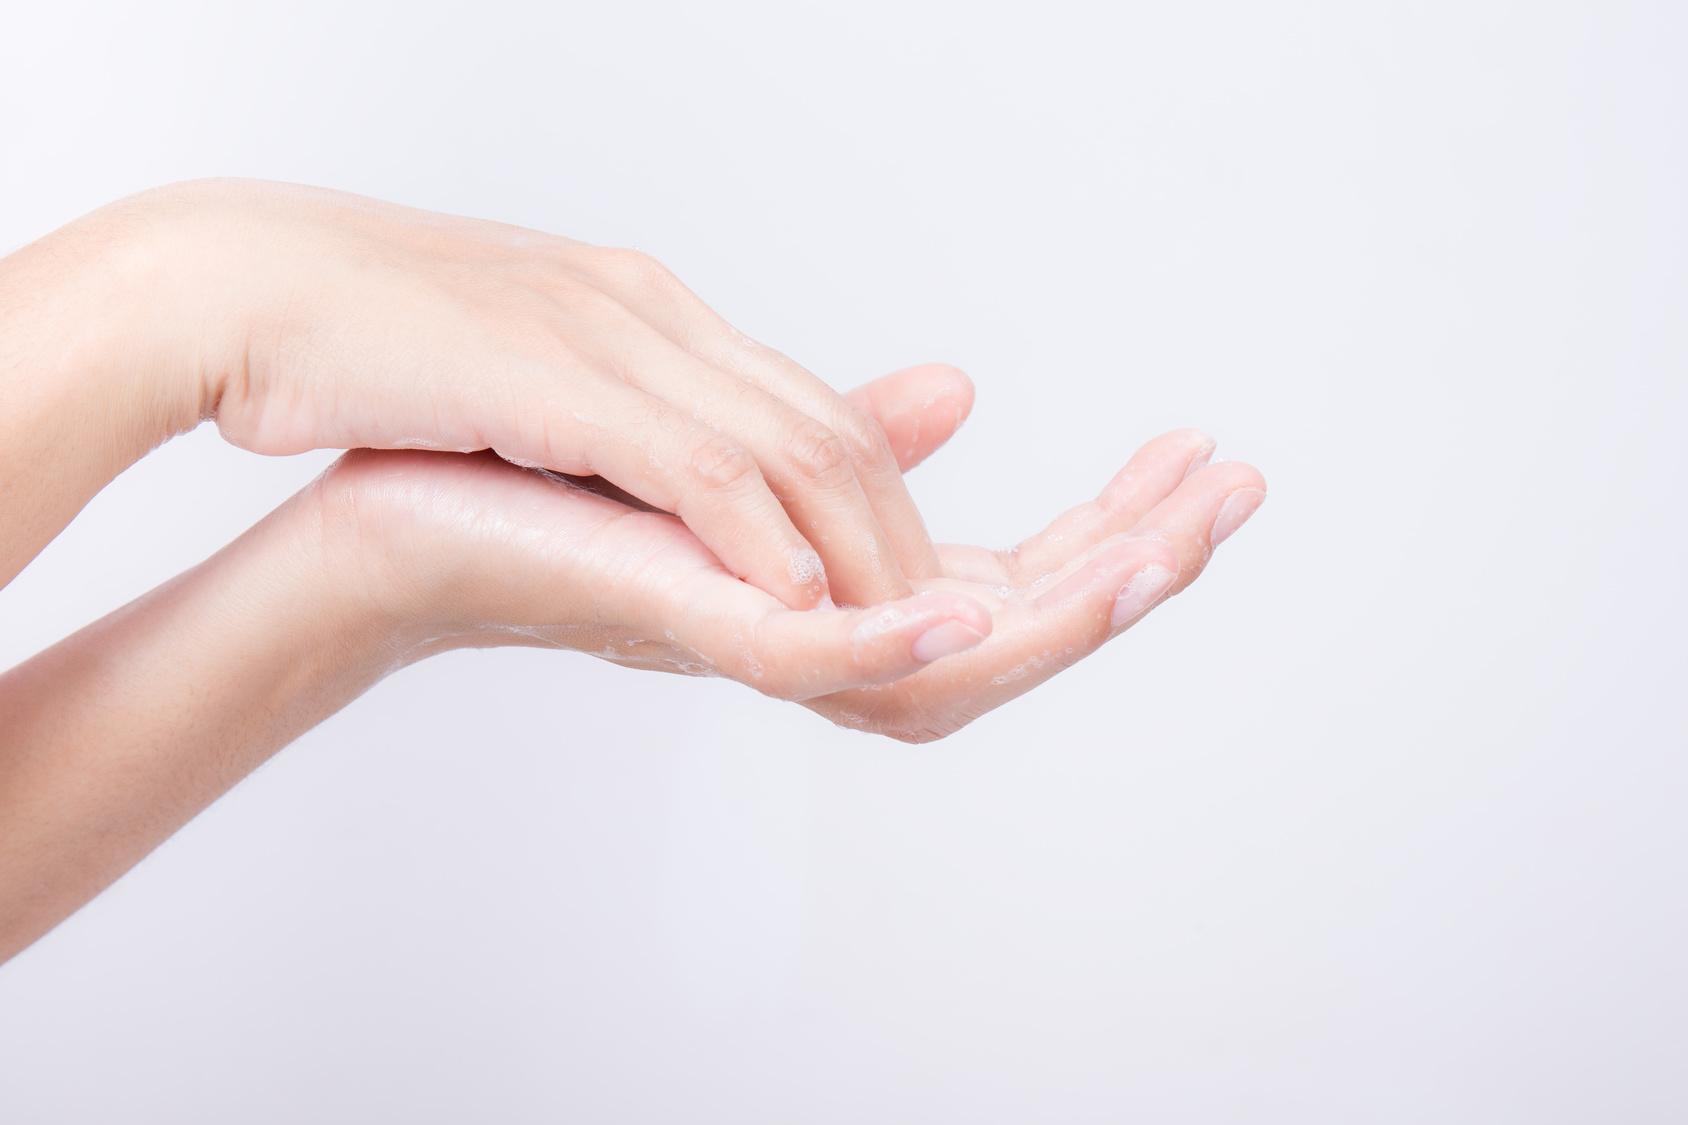 UÑAS LIMPIAS Y CORTAS/ 綺麗で短い爪